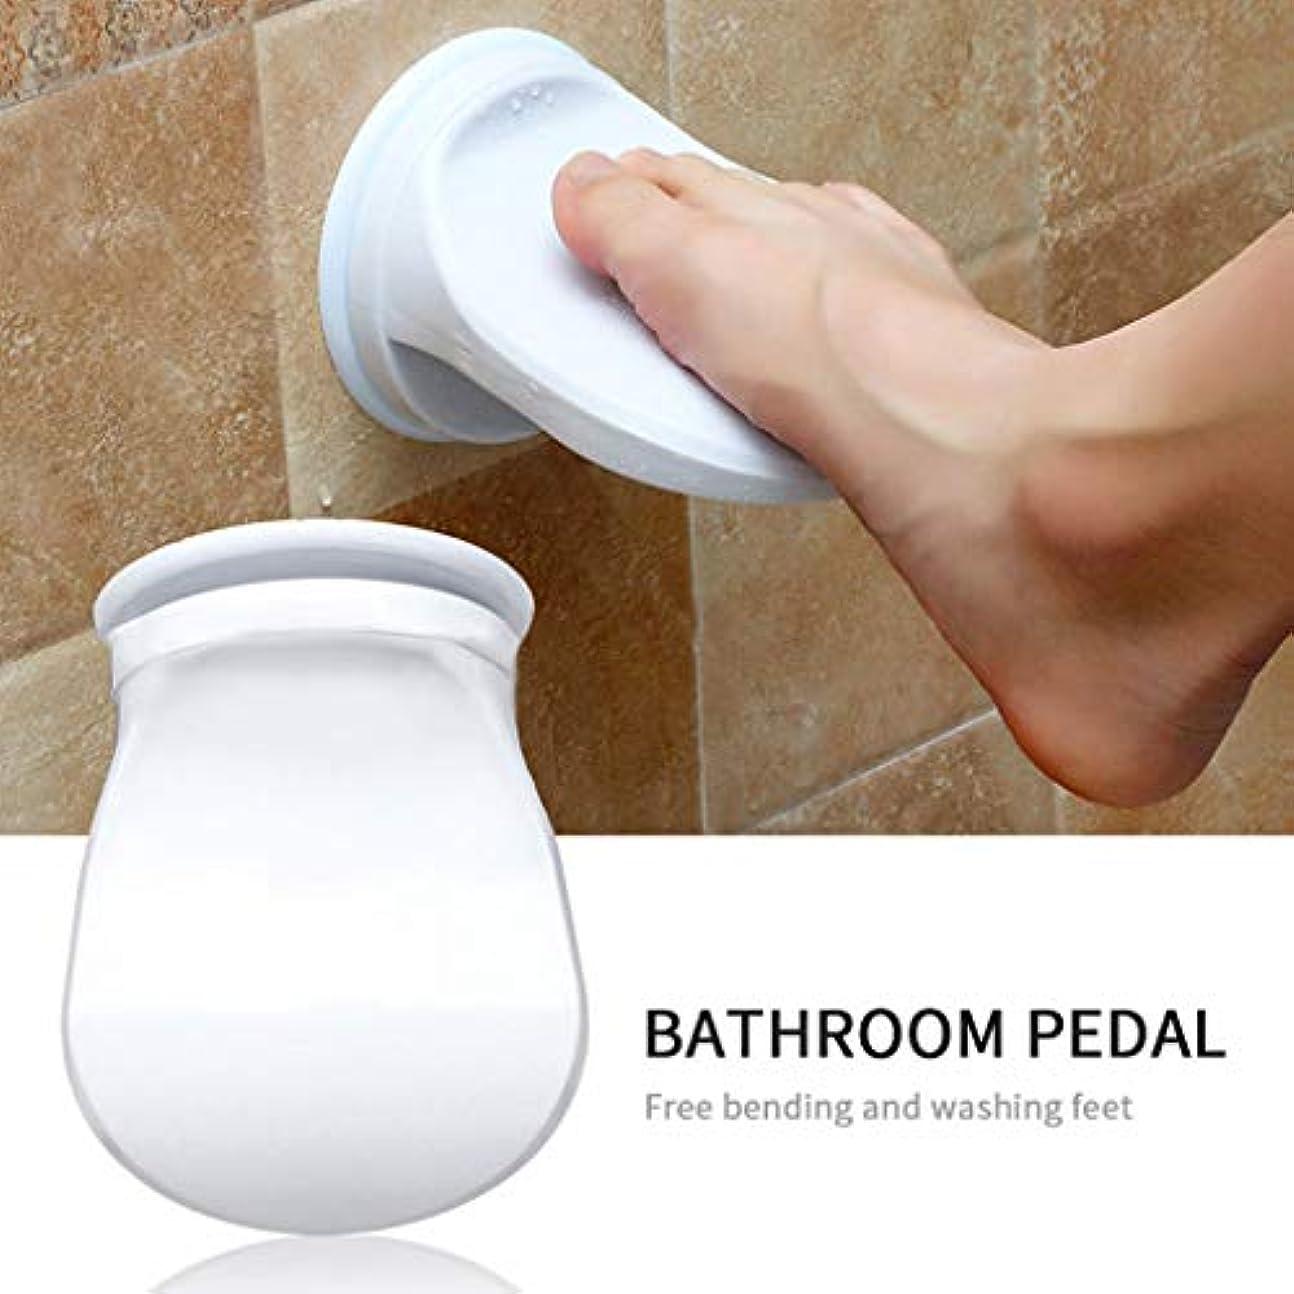 であること結果ナチュラルシャワーフットレスト,Tichan 洗濯シェービングレッグバスルームシャワー節約フットレストノンスリップ吸引カップ